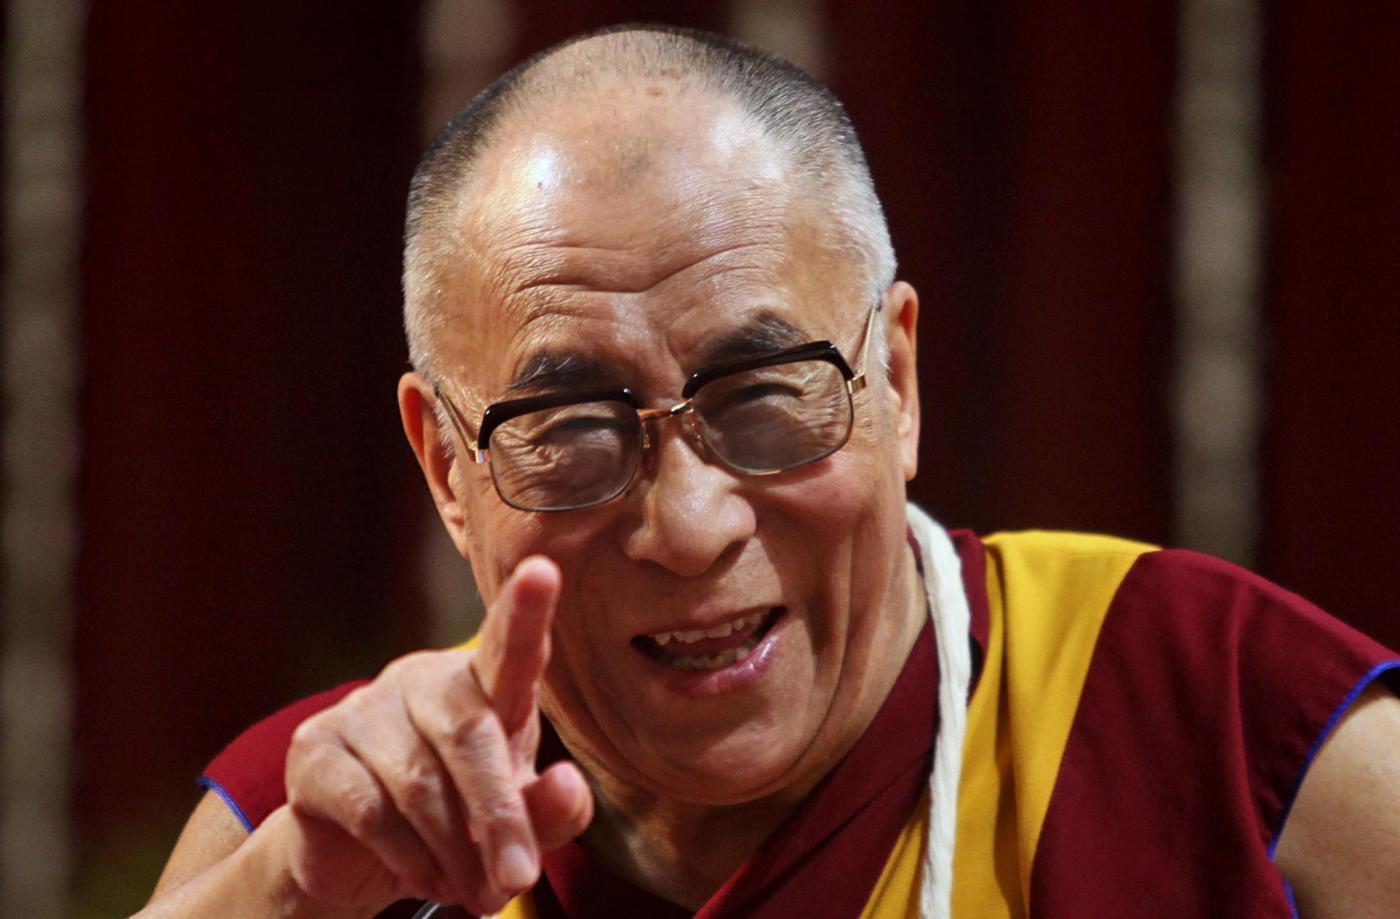 Denk daran, dass Schweigen manchmal die beste Antwort ist - Dalai Lama